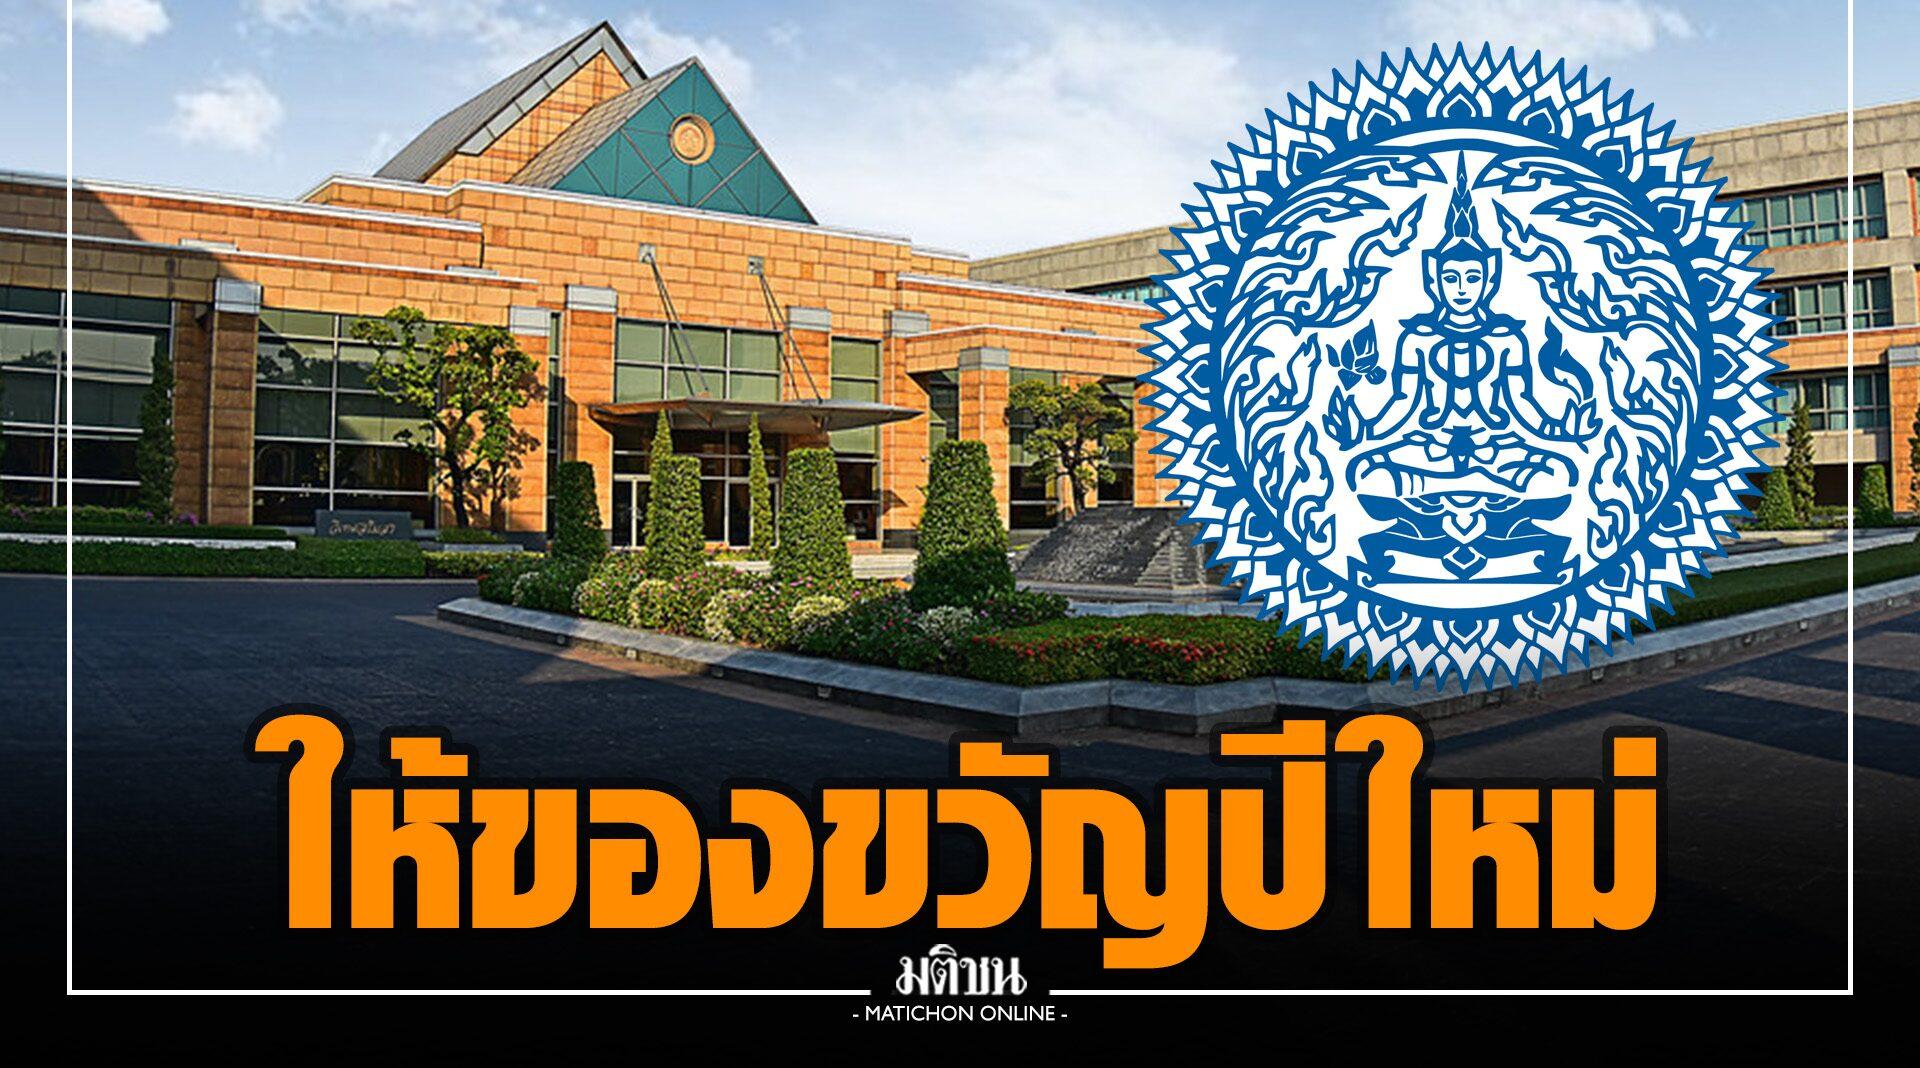 ก.ต่างประเทศ ให้บริการแปล-ยกเว้นค่าธรรมเนียมรับรองเอกสาร 19 ประเภท ของขวัญปีใหม่